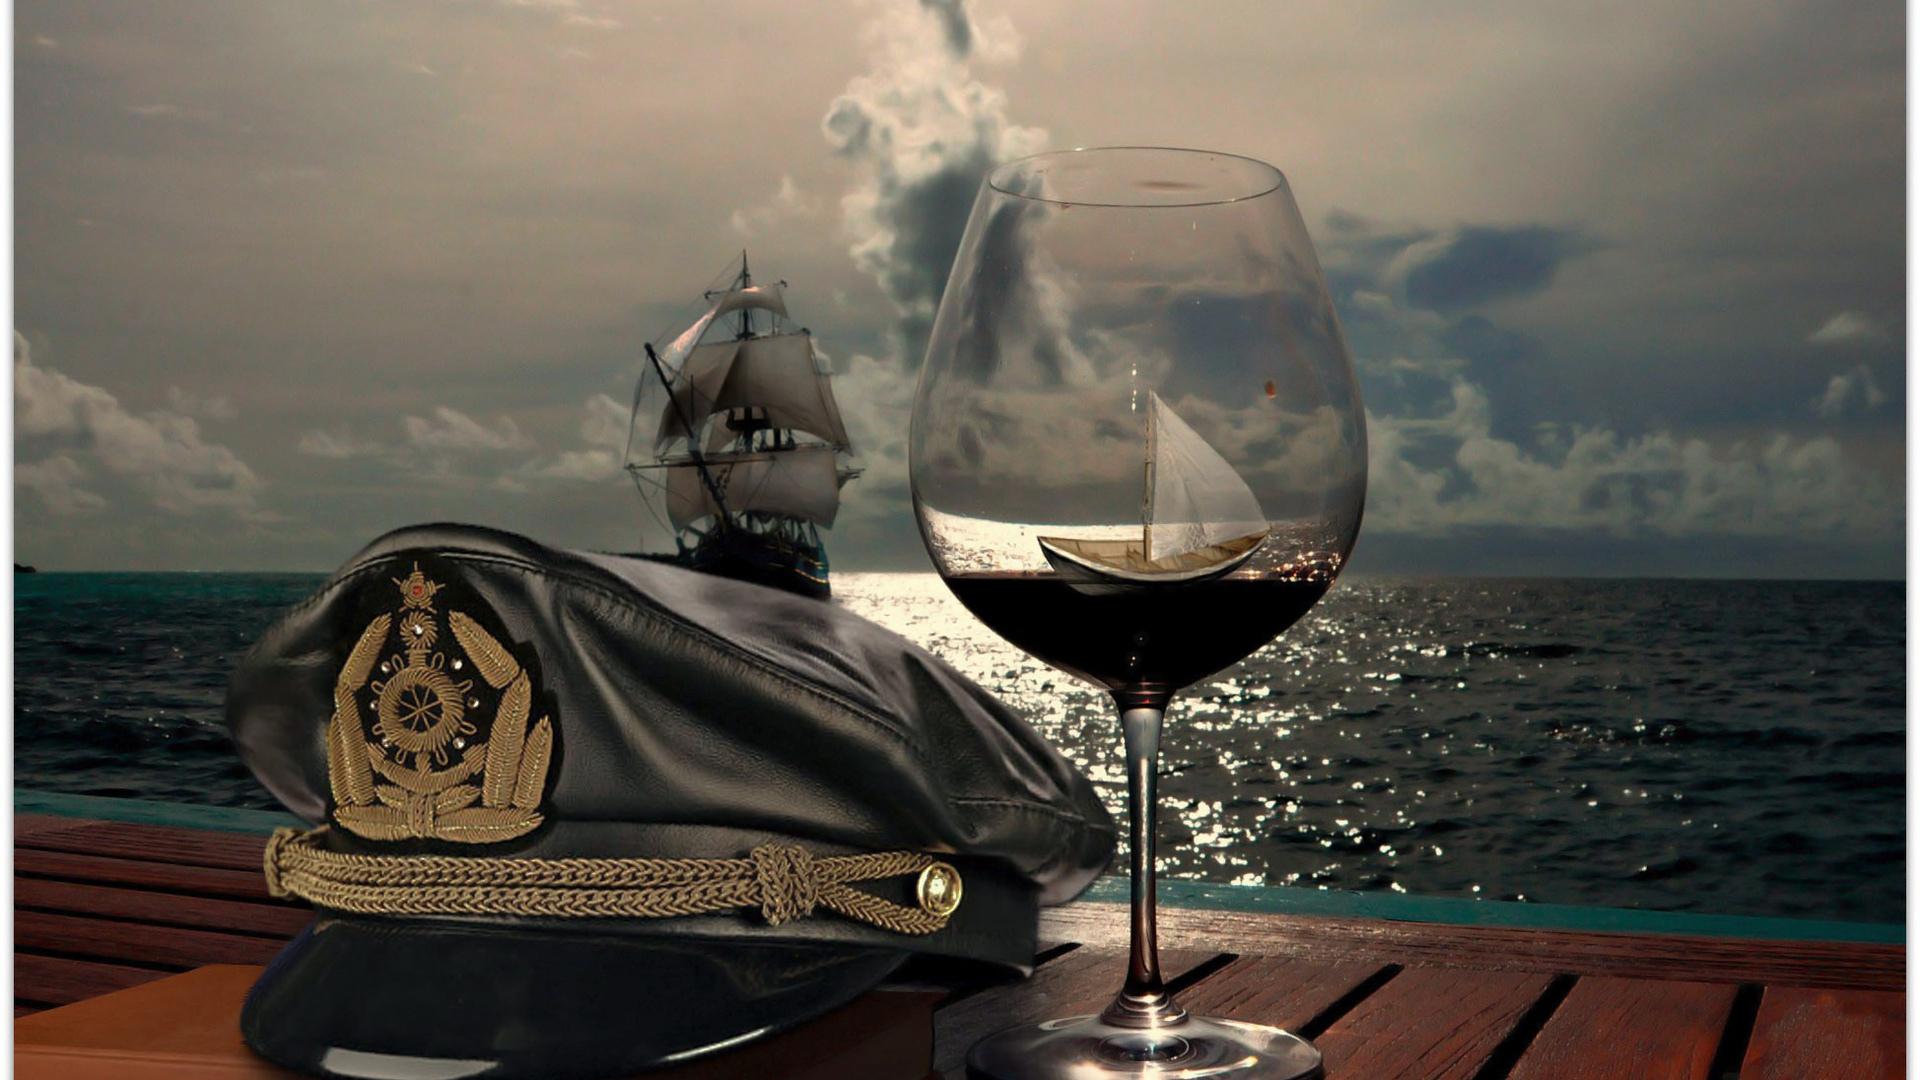 арт, море, корабль